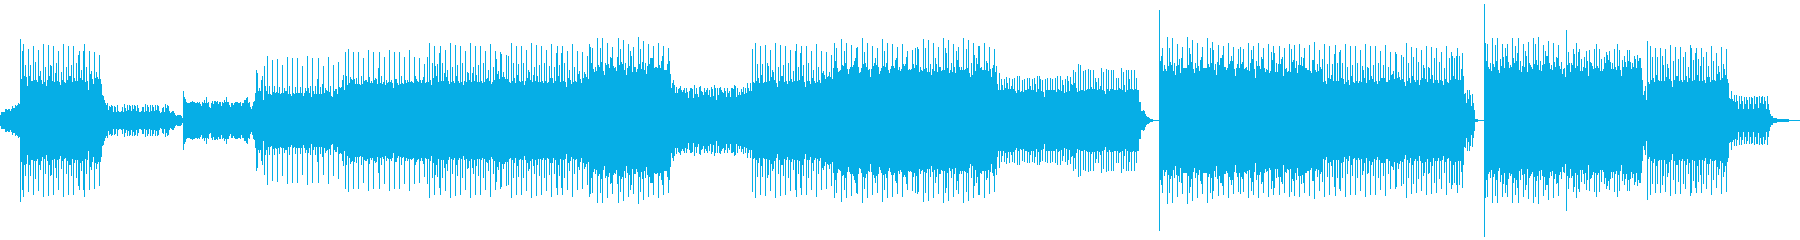 禅をイメージした和風テイストのトランスの再生済みの波形